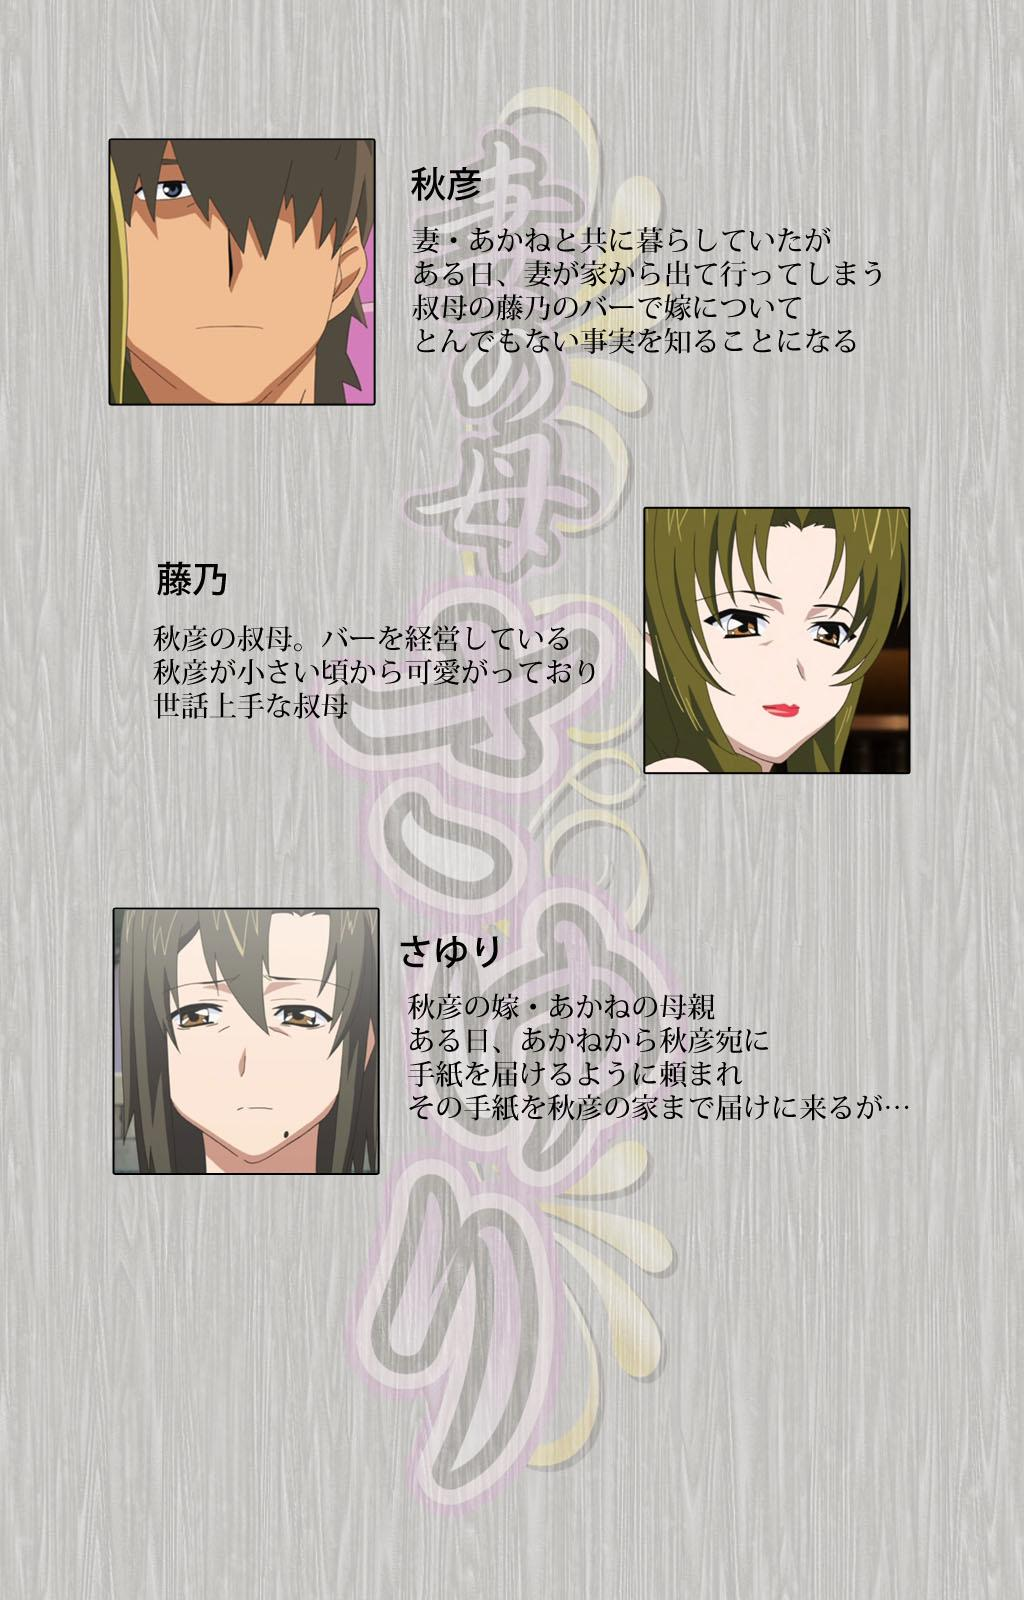 Tsuma no haha Sayuri Kanzenban 1